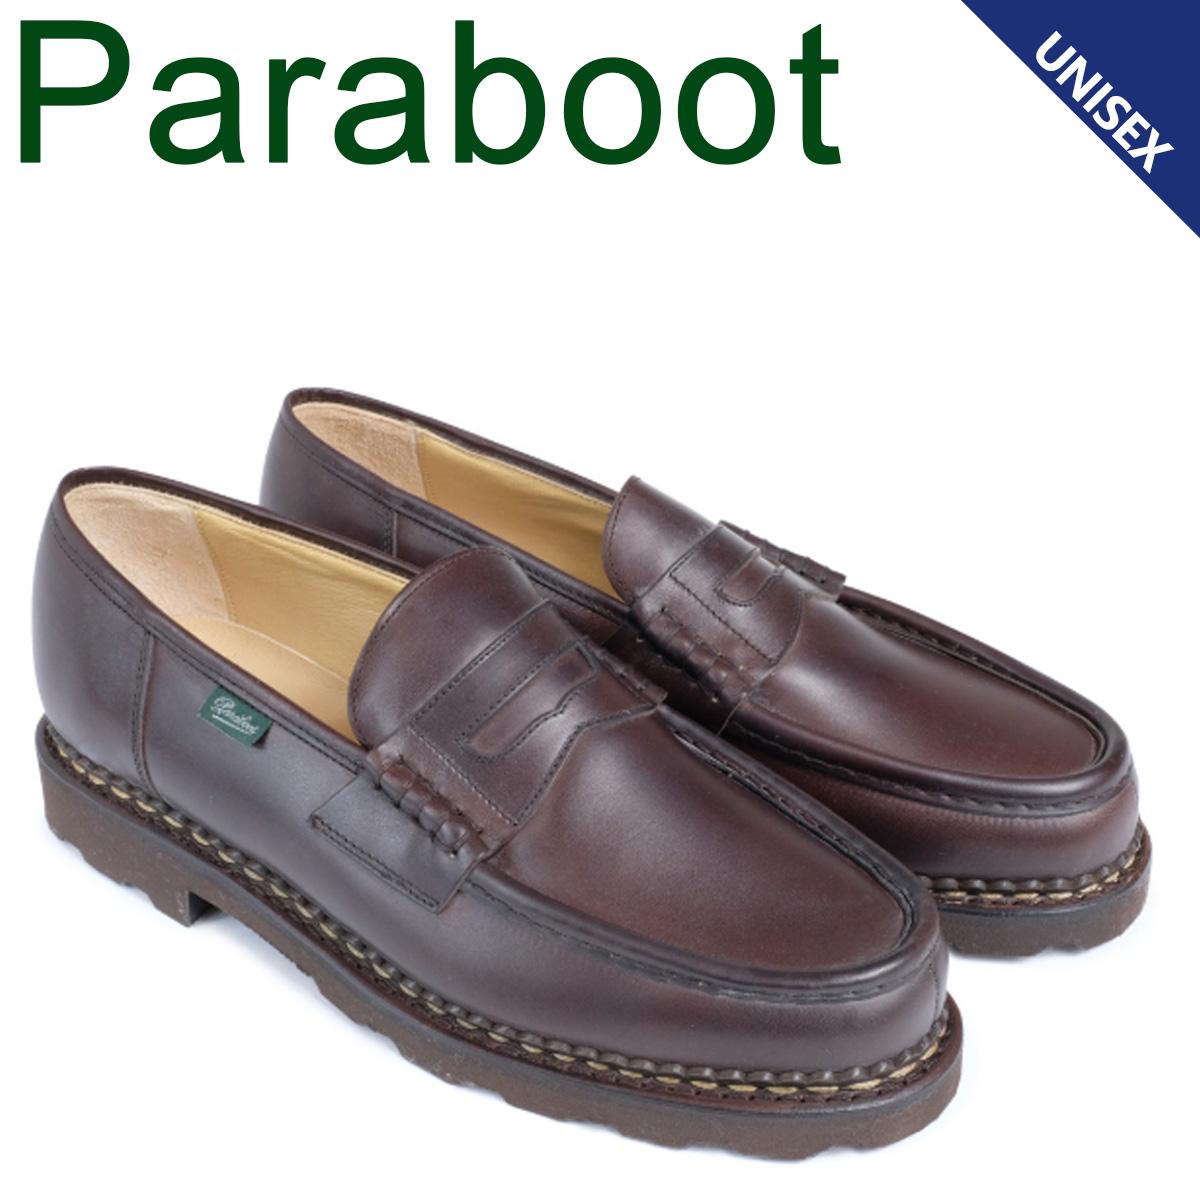 パラブーツ PARABOOT ランス シューズ ローファー メンズ レディース REIMS ブラウン 099413